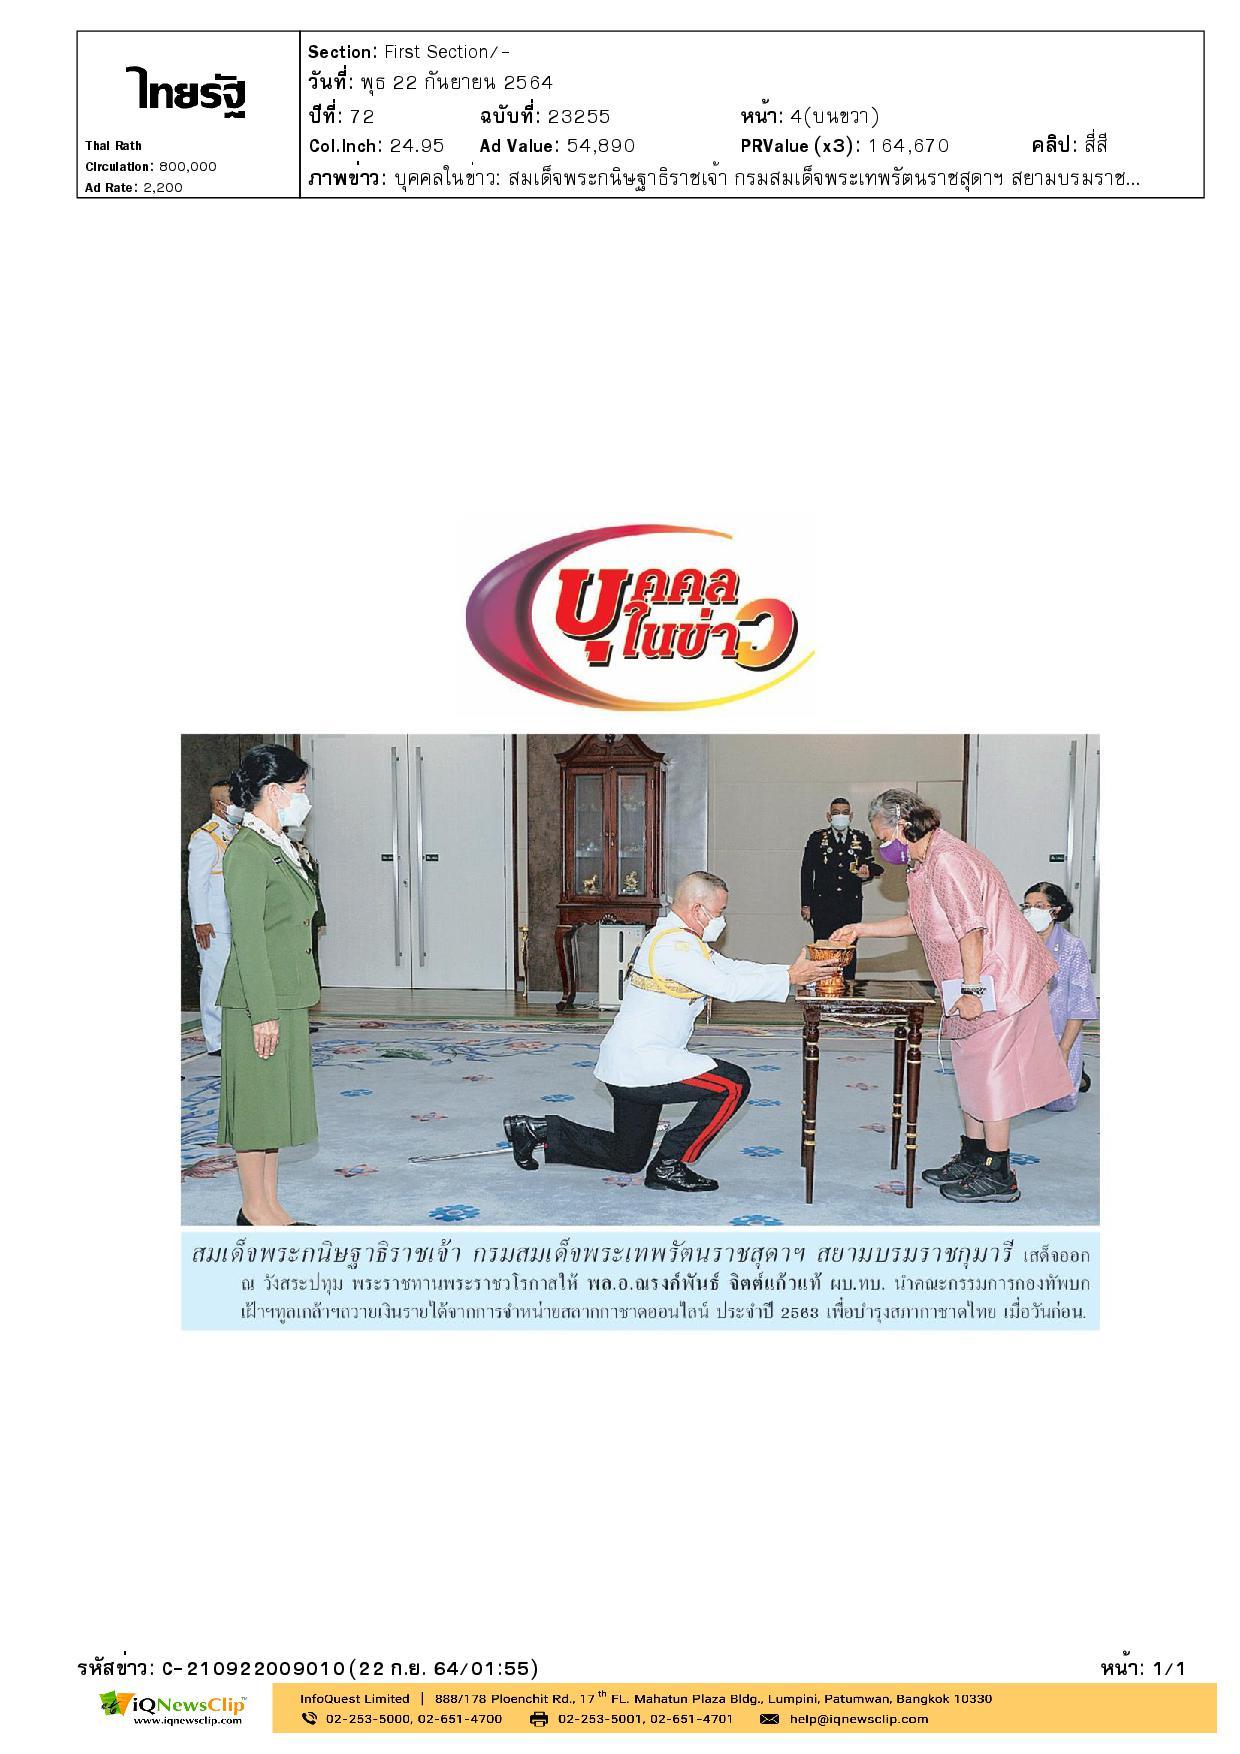 เฝ้าฯ ทูลเกล้าฯ ถวายเงินรายได้จากการจำหน่ายสลากกาชาดออนไลน์ ประจำปี 2563 เพื่อบำรุงสภากาชาดไทย